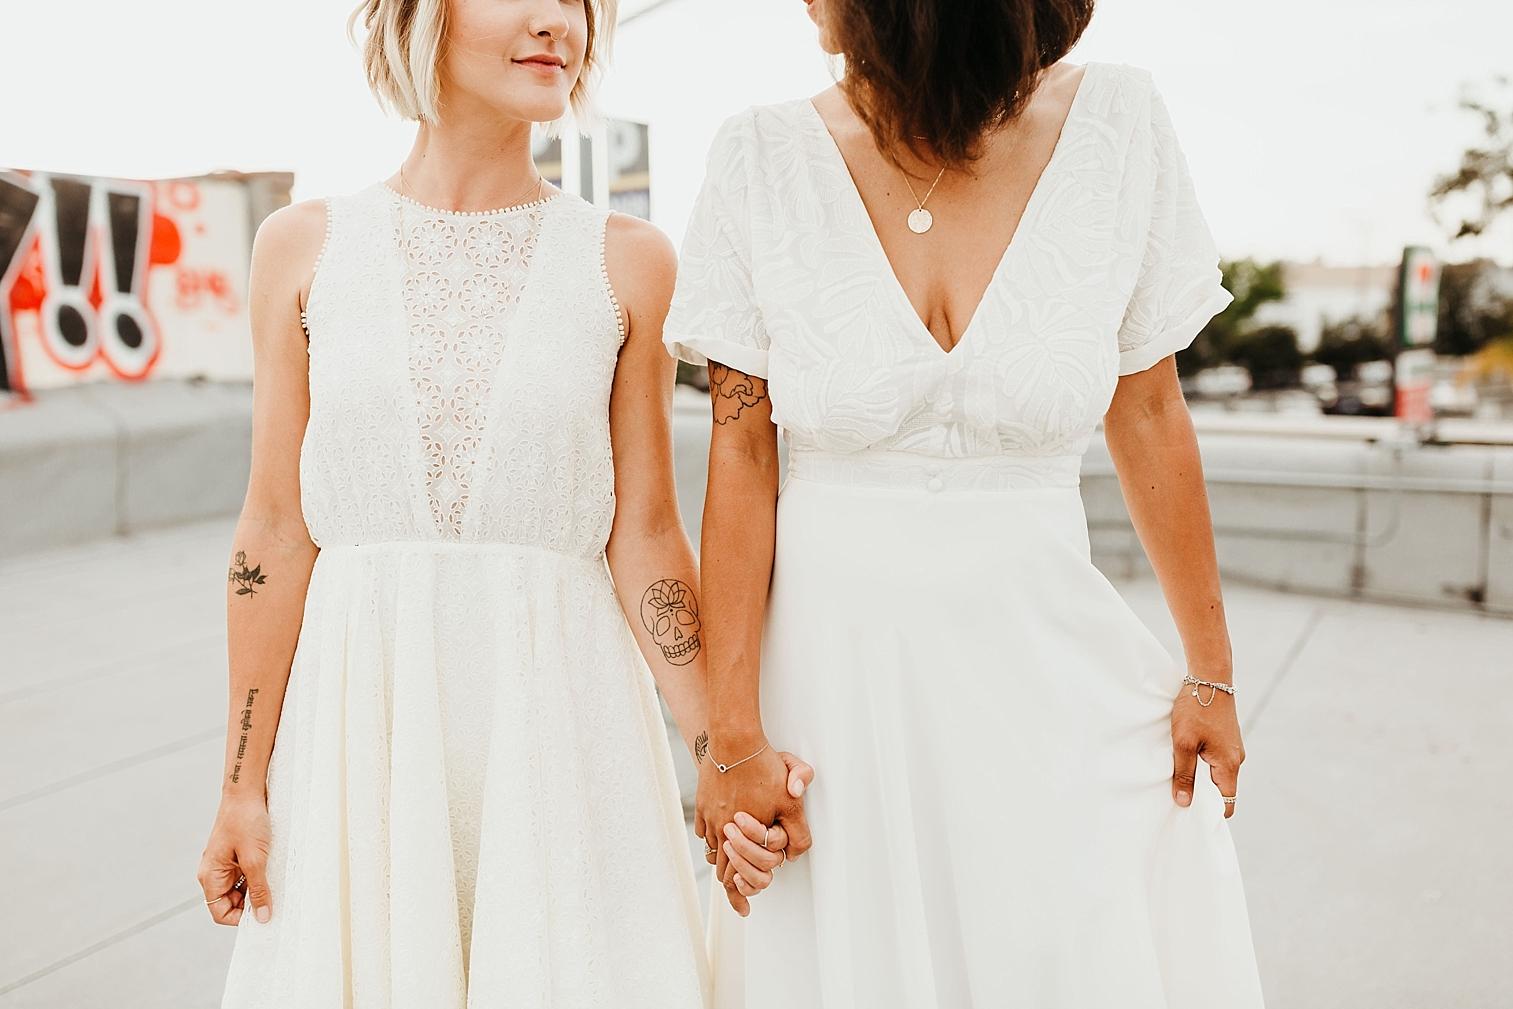 Fruitcraft-Hillcrest-San-Diego-Wedding-107.jpg